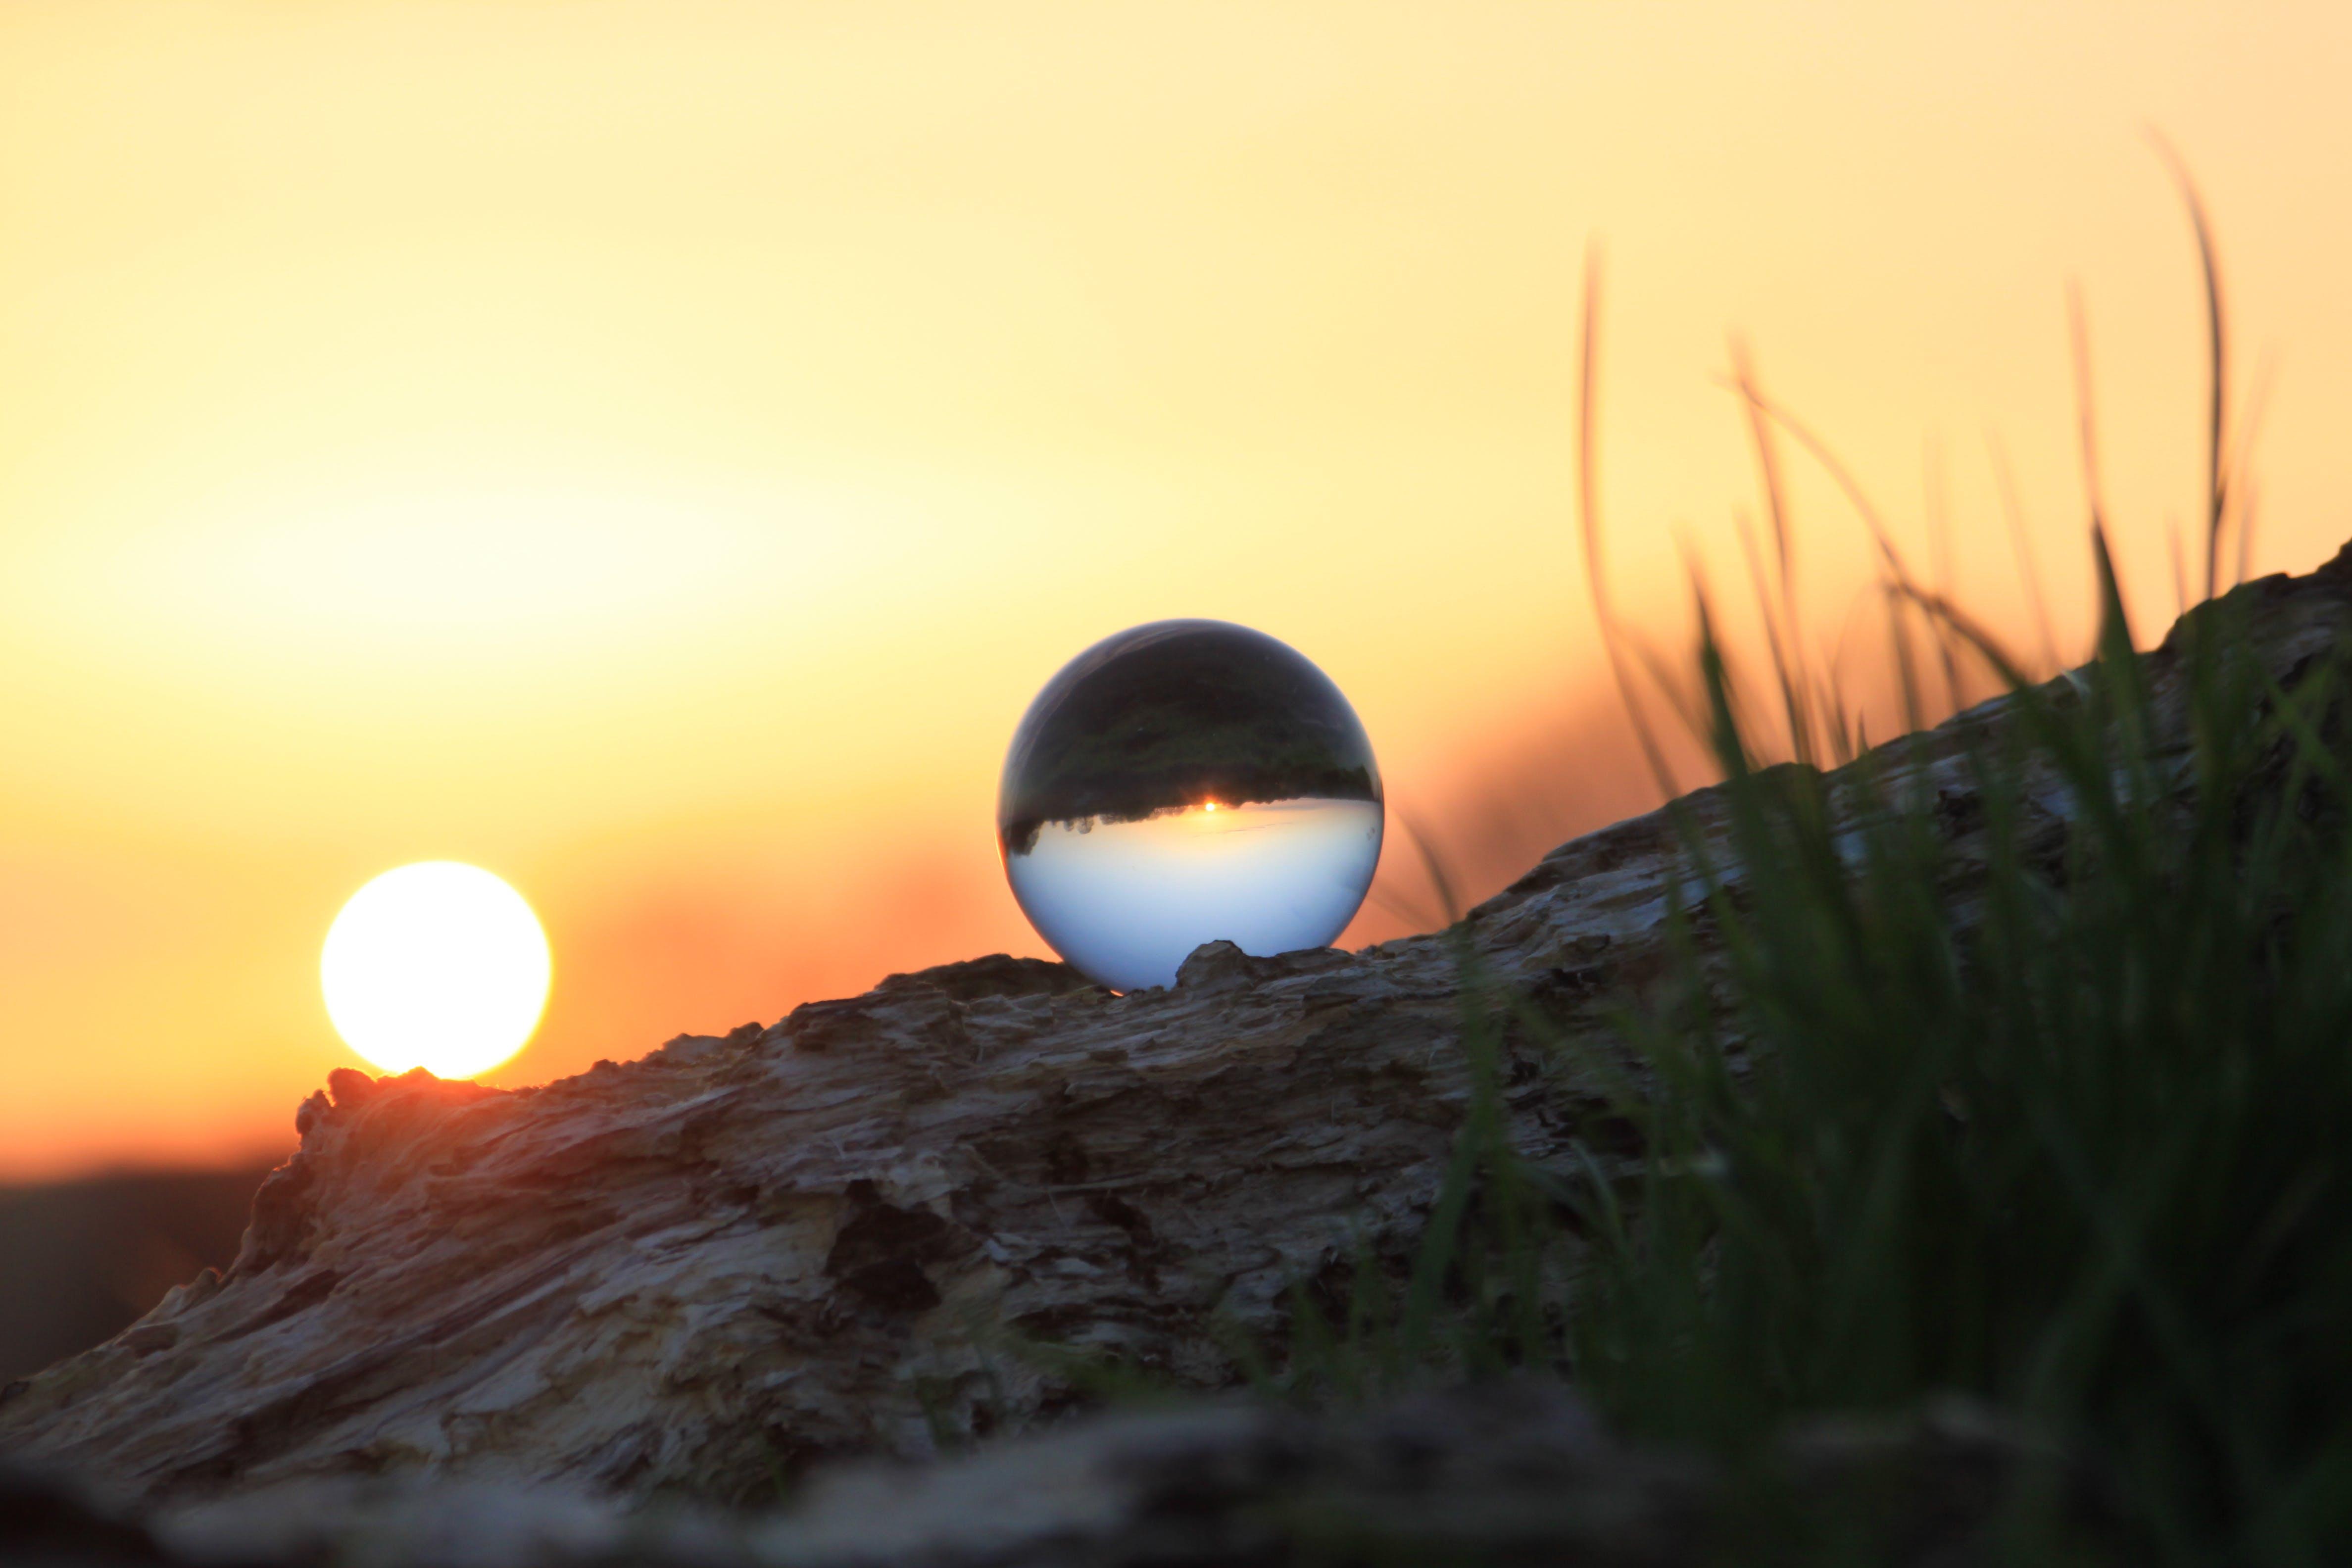 Kostnadsfri bild av glasskula, gräs, himmel, kväll